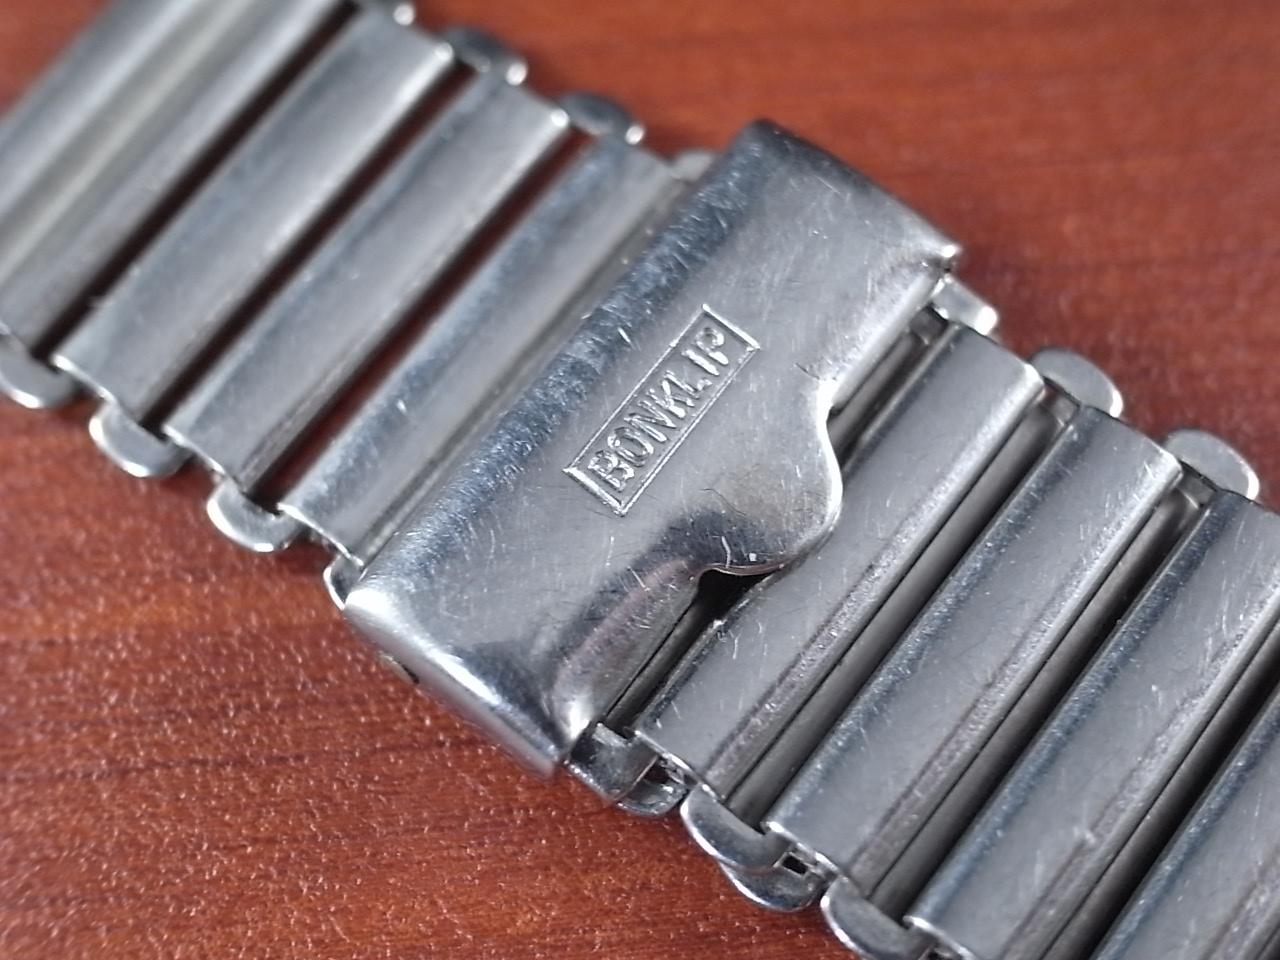 ボンクリップ バンブーブレス SS ブロック体ロゴ 16㎜タイプ 16㎜ BONKLIPの写真2枚目